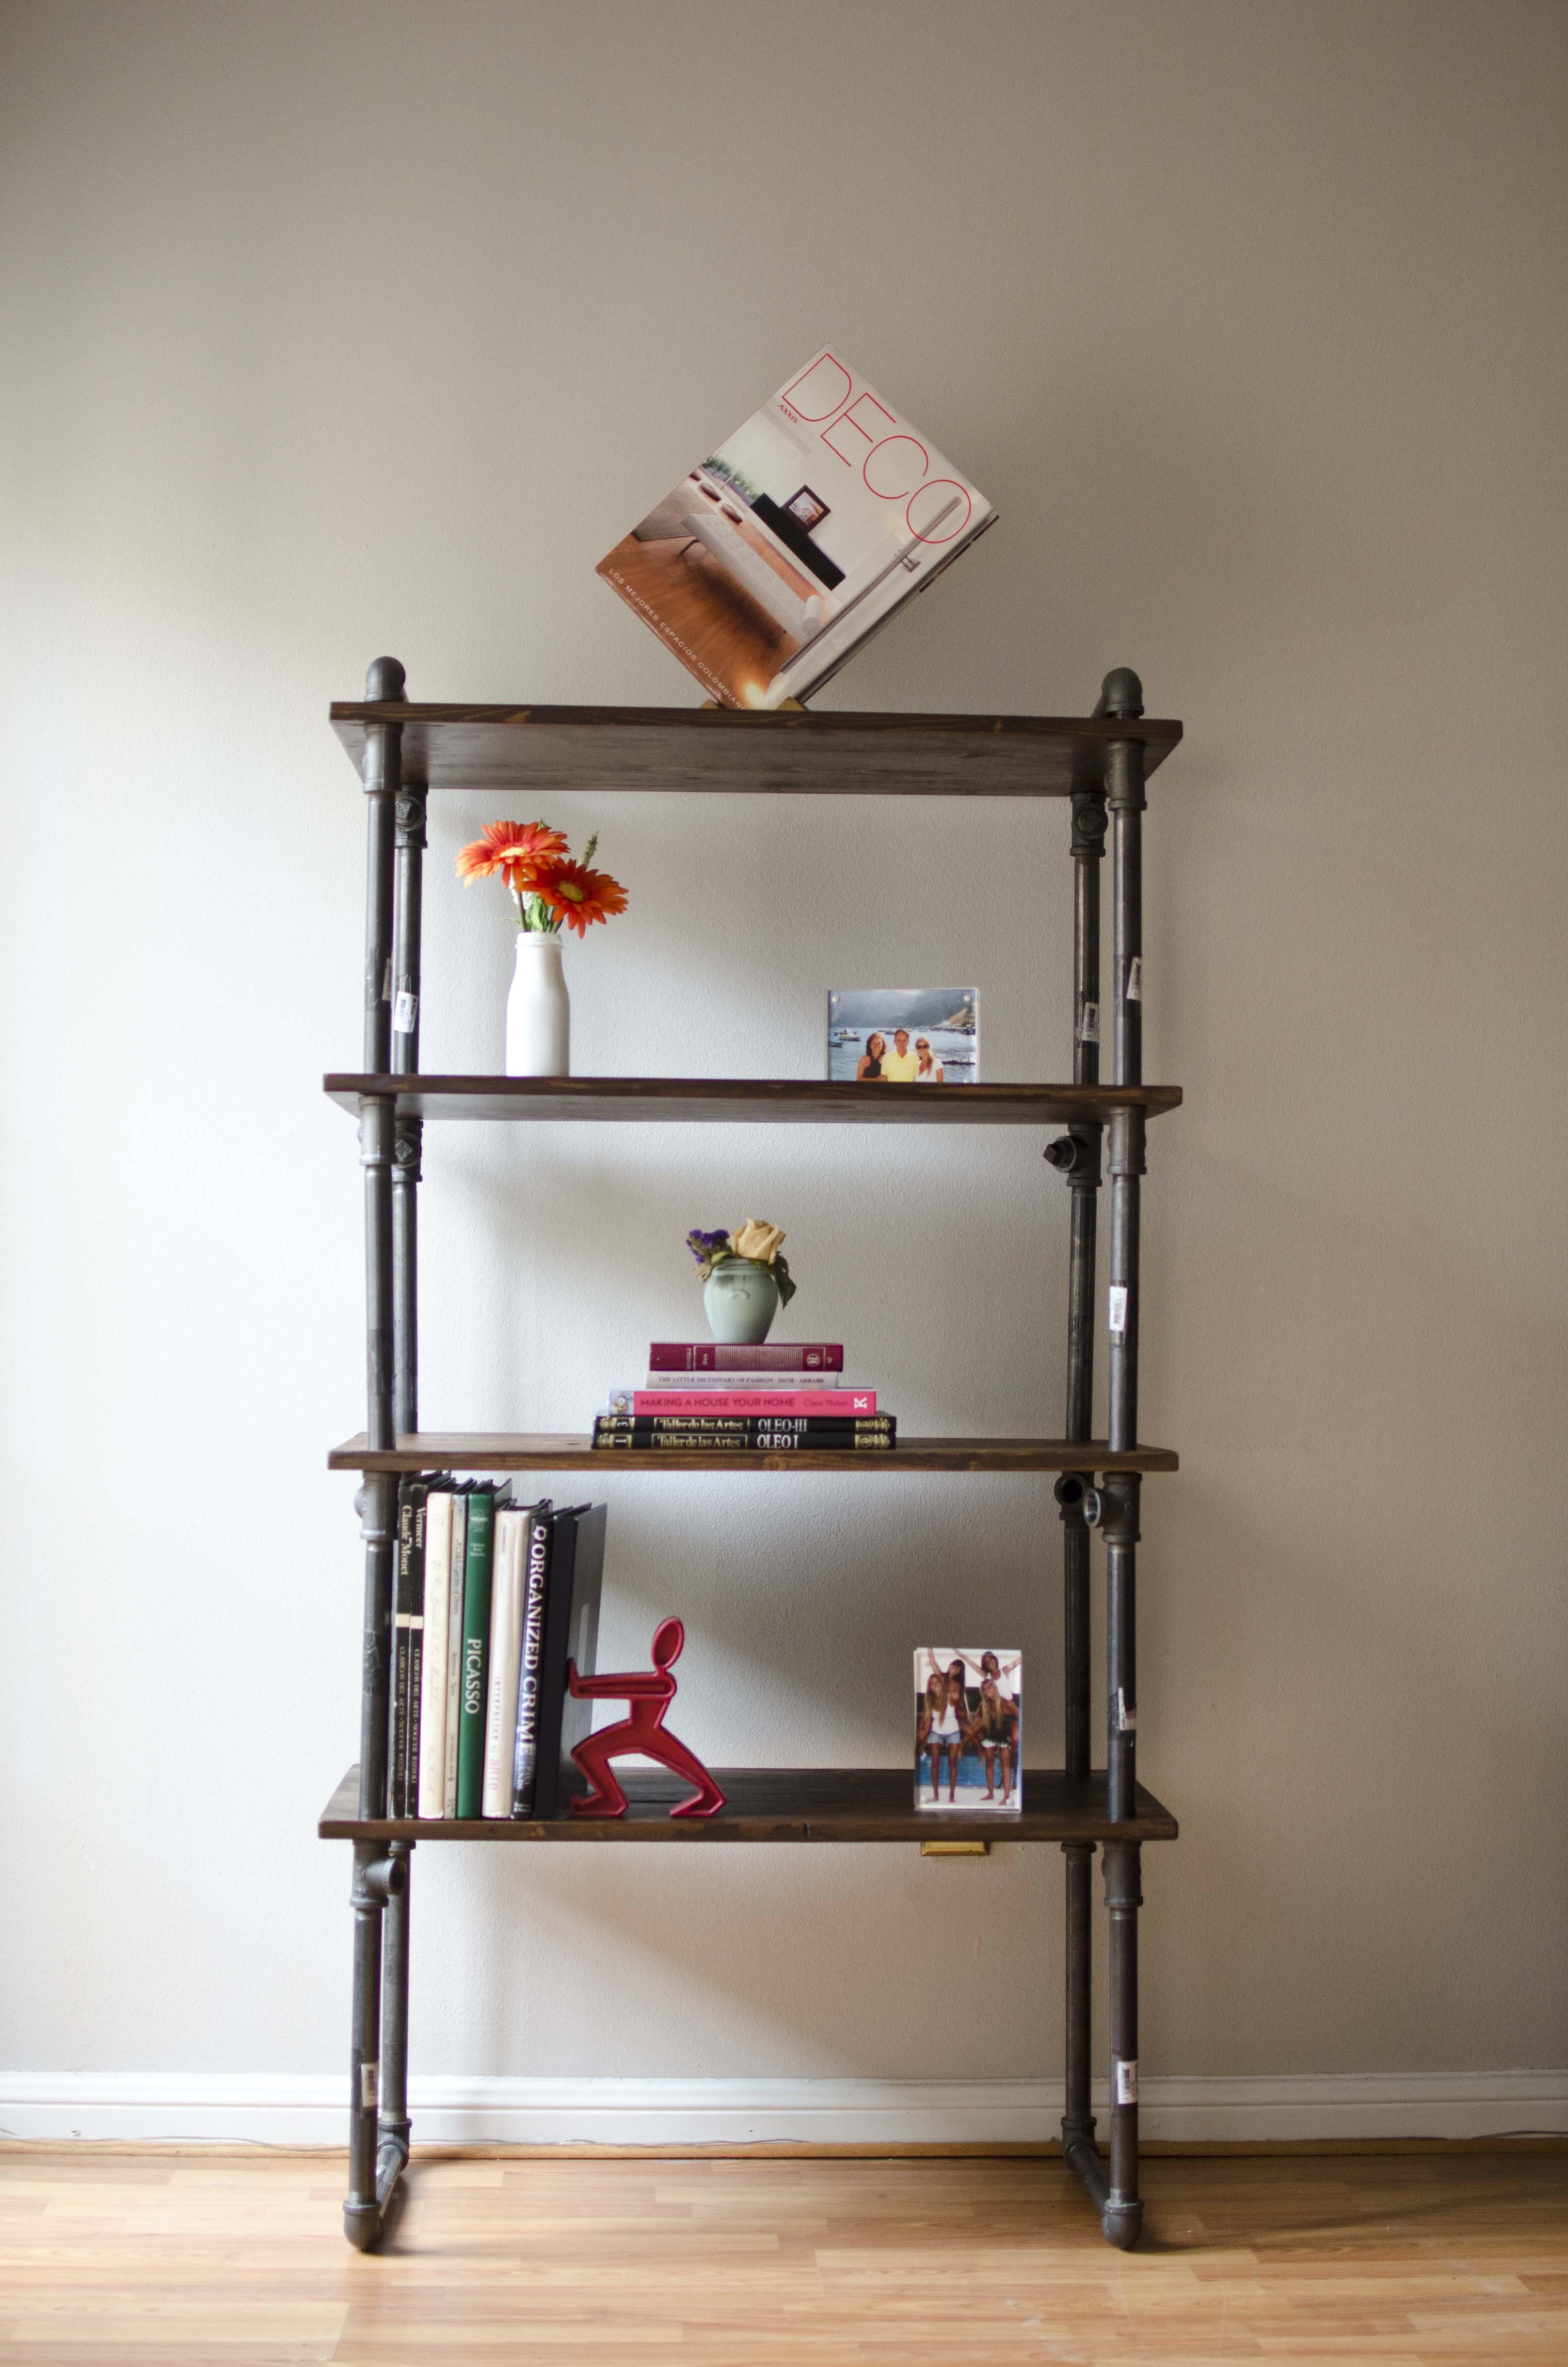 Gas Pipe Furniture Shelf By Juan Boada At